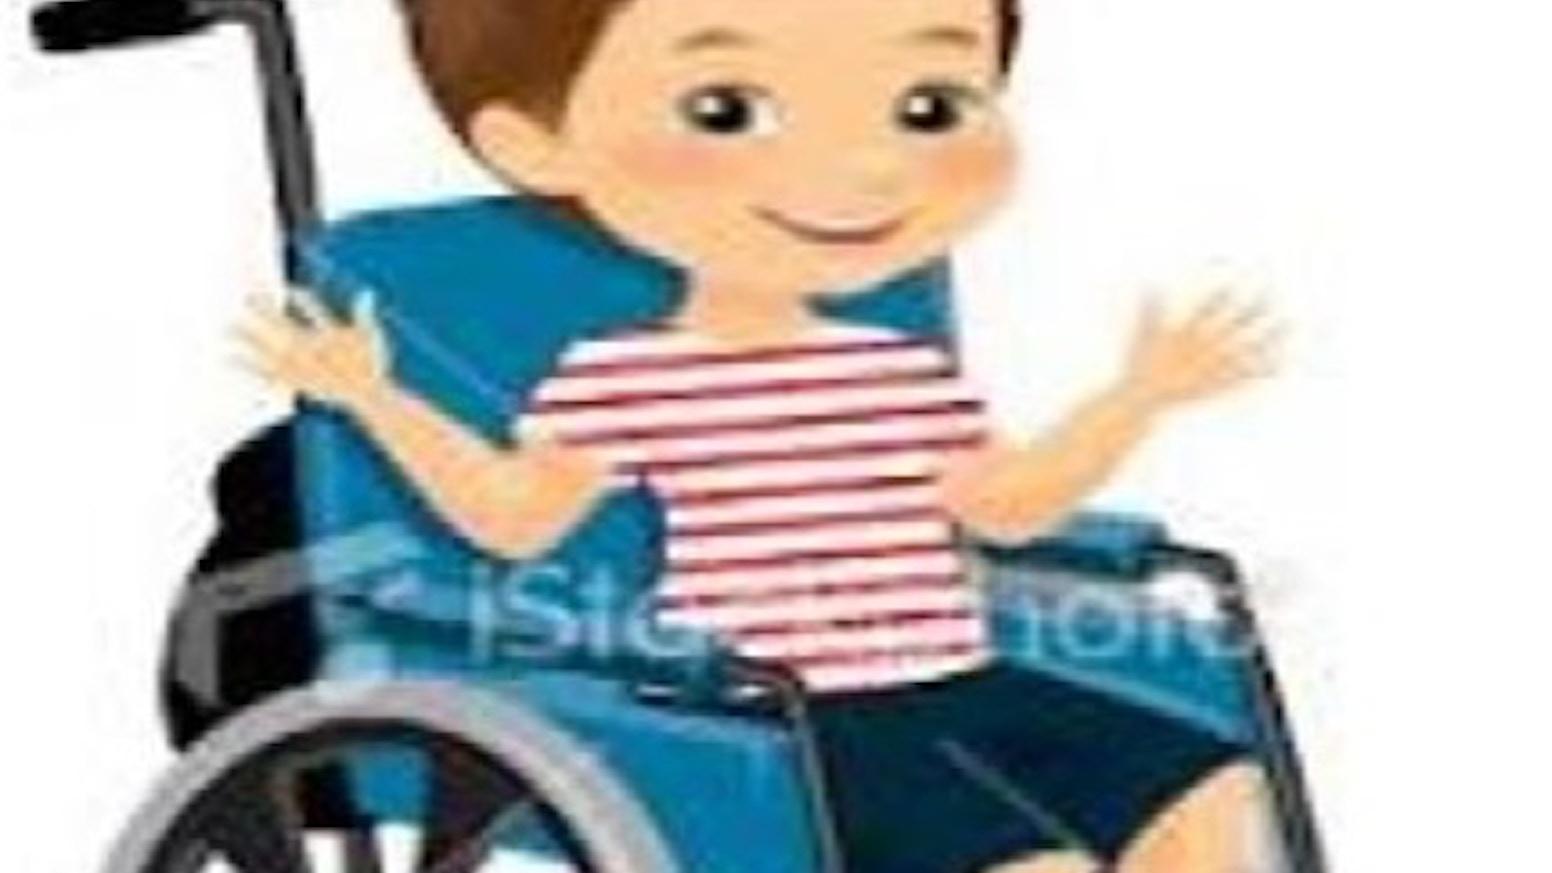 Children's book,